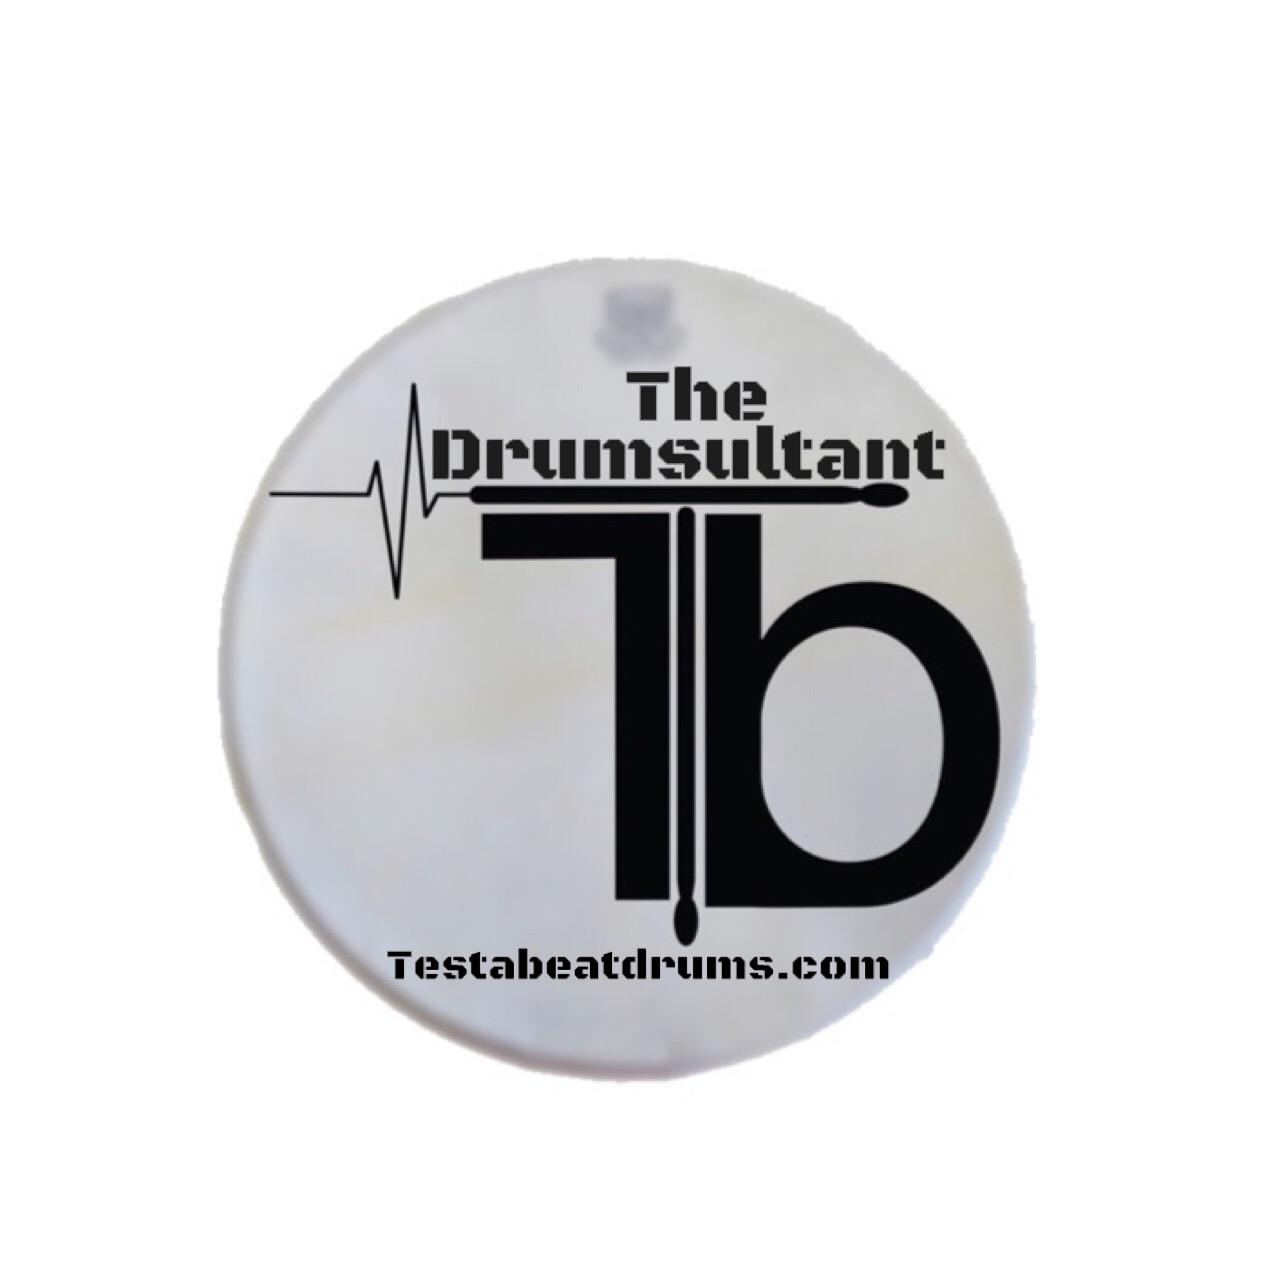 Testa Beat Drums